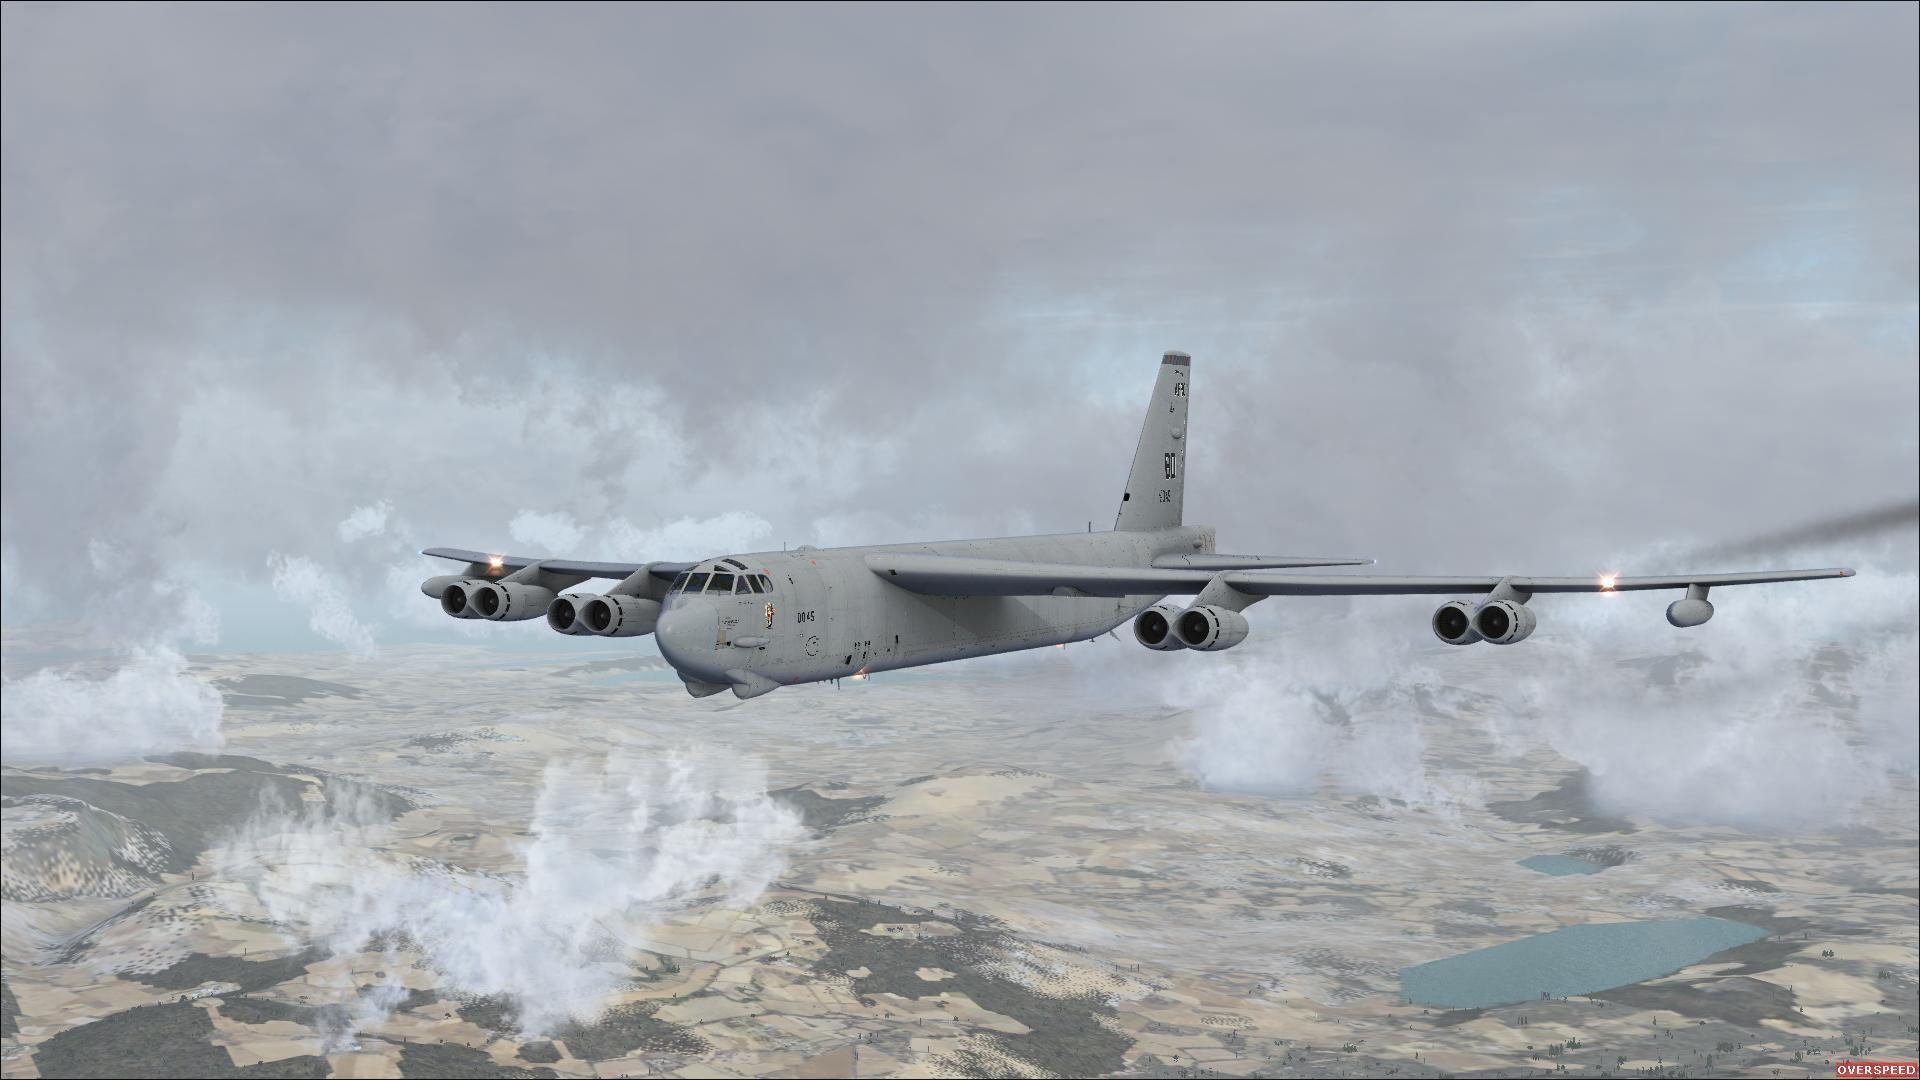 B 52 Bomber Wallpaper (69+ images)